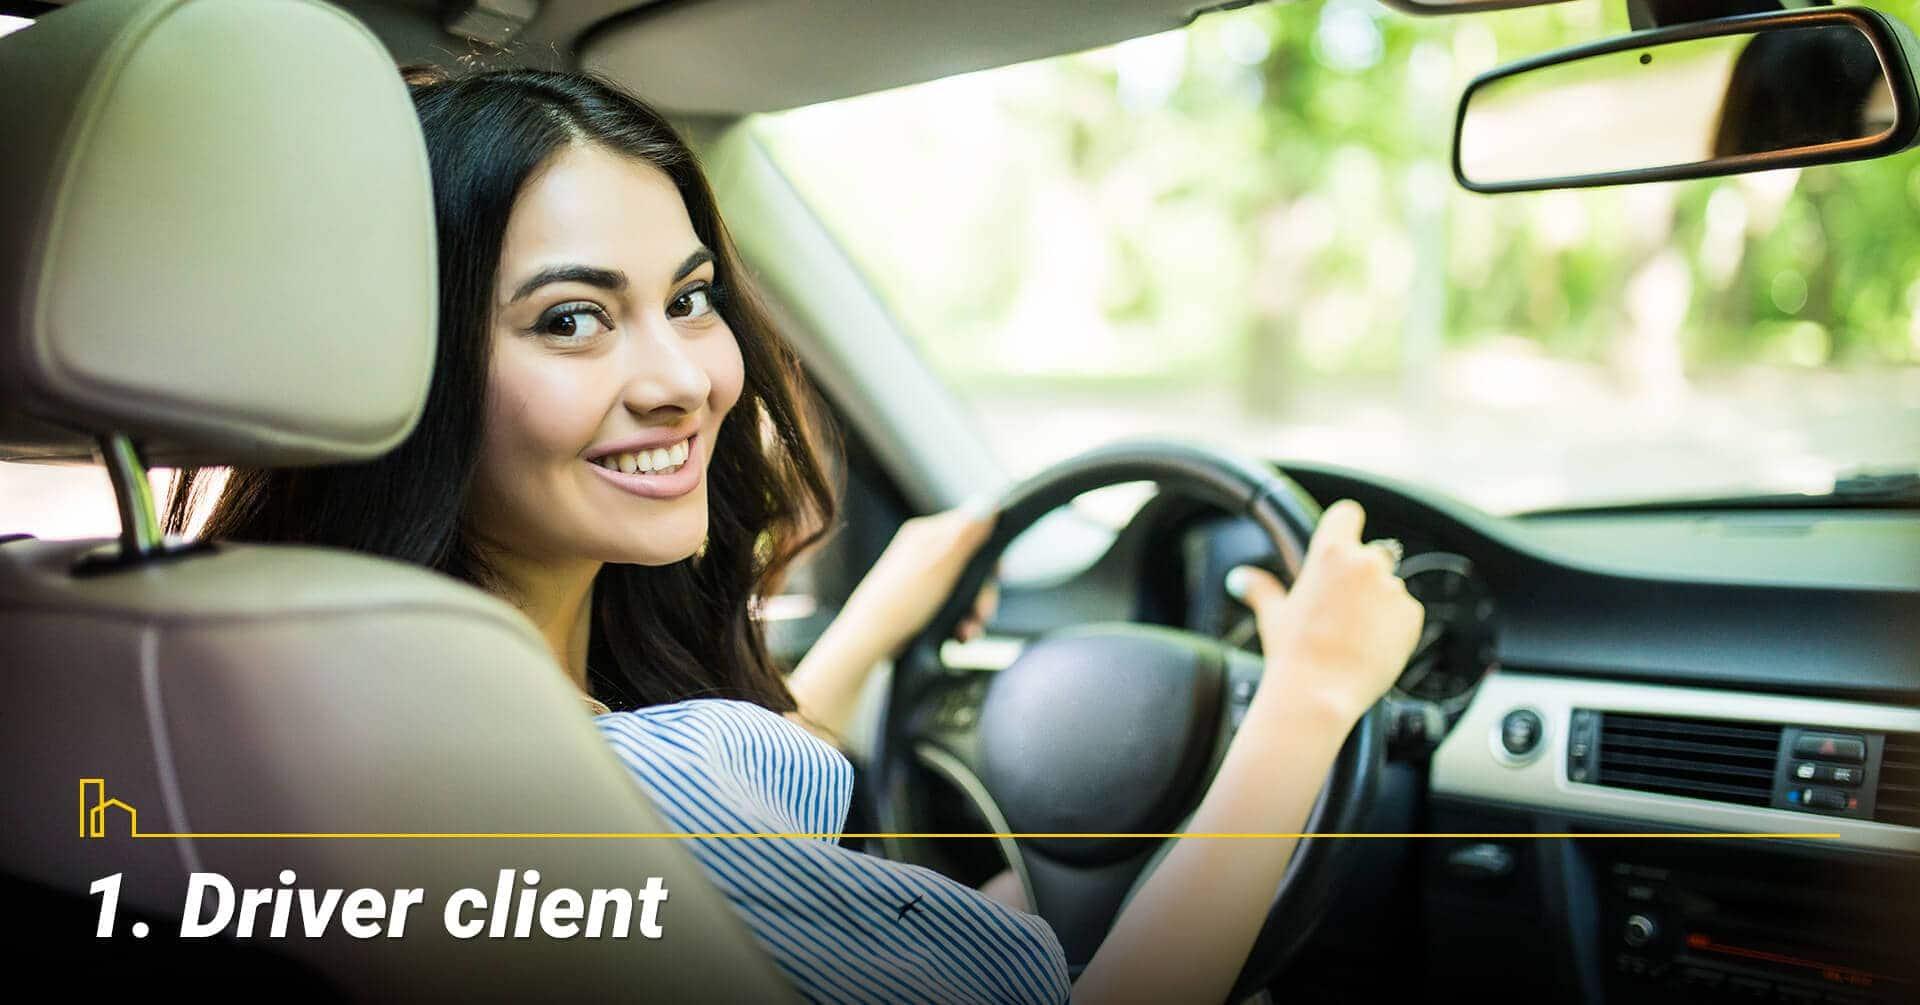 Driver client